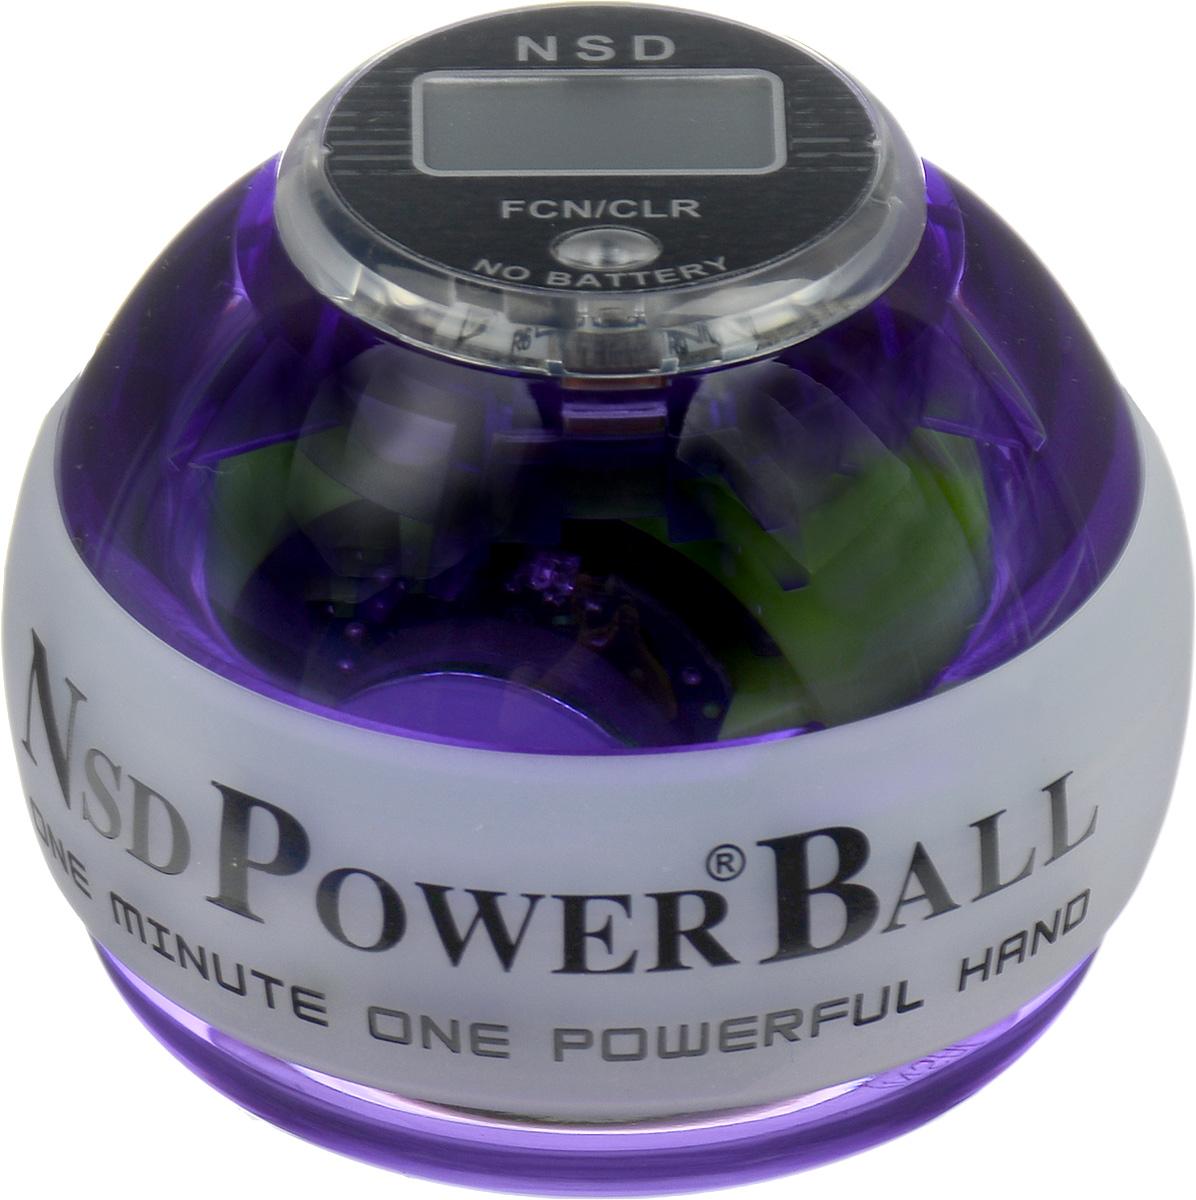 Тренажер Кистевой NSD Power Powerball Multi Light ProPB-688 MLCNSD Power Powerball Multi Light Pro - новая, улучшенная модель совстроенным счетчиком и яркой подсветкой хамелеон. Шар имеетсветодиоды, которые горят за счет встроенной динамо-машины.При изменении скорости вращения тренажер светится тремяразными цветами. Модель прослужит вам гораздо дольше. Добитьсяэтого удалось за счет материала с большей прочностью, иприменения технологии, служащей для амортизации удара ипоглощению его силы в случае падении тренажера. Кроме того,тренажер снабжен системой сменных колец, при помощи которыхего можно быстро и без труда отремонтировать. Еще одним плюсомданной модели является счетчик, работающий без батареек. В комплект входят инструкция и два шнурка для раскрутки.Тренажер подходит как для развлечения, так и для постоянныхтренировок или в виде разминки для полноценной спортивнойтренировки. Размер тренажера: 6 х 7,5 см.